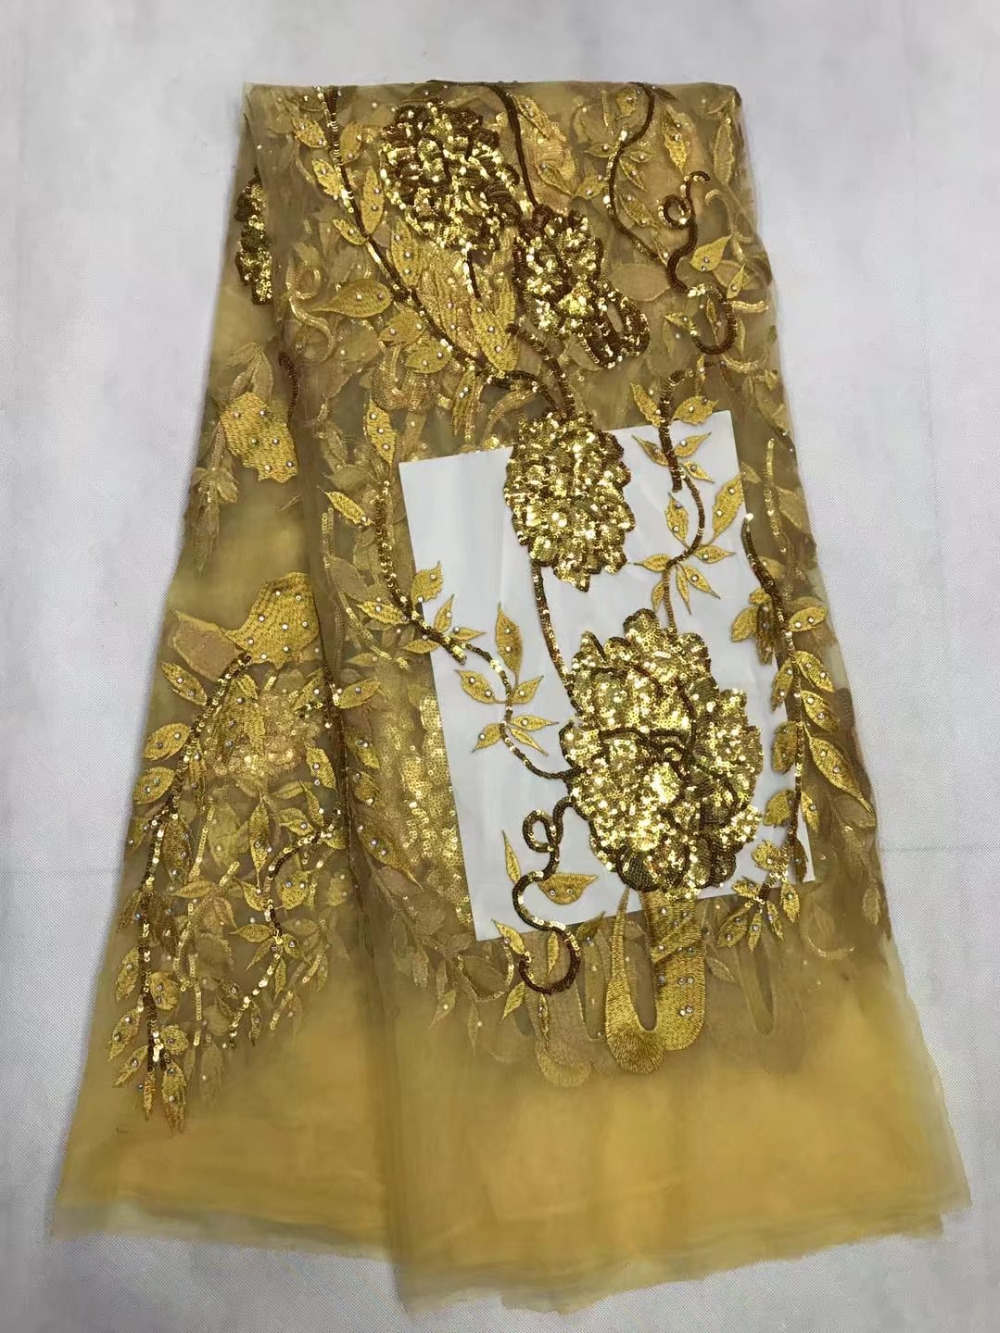 Guldfärg överallt Sequins 5 Yards Afrikanska franska Lace Tulle - Konst, hantverk och sömnad